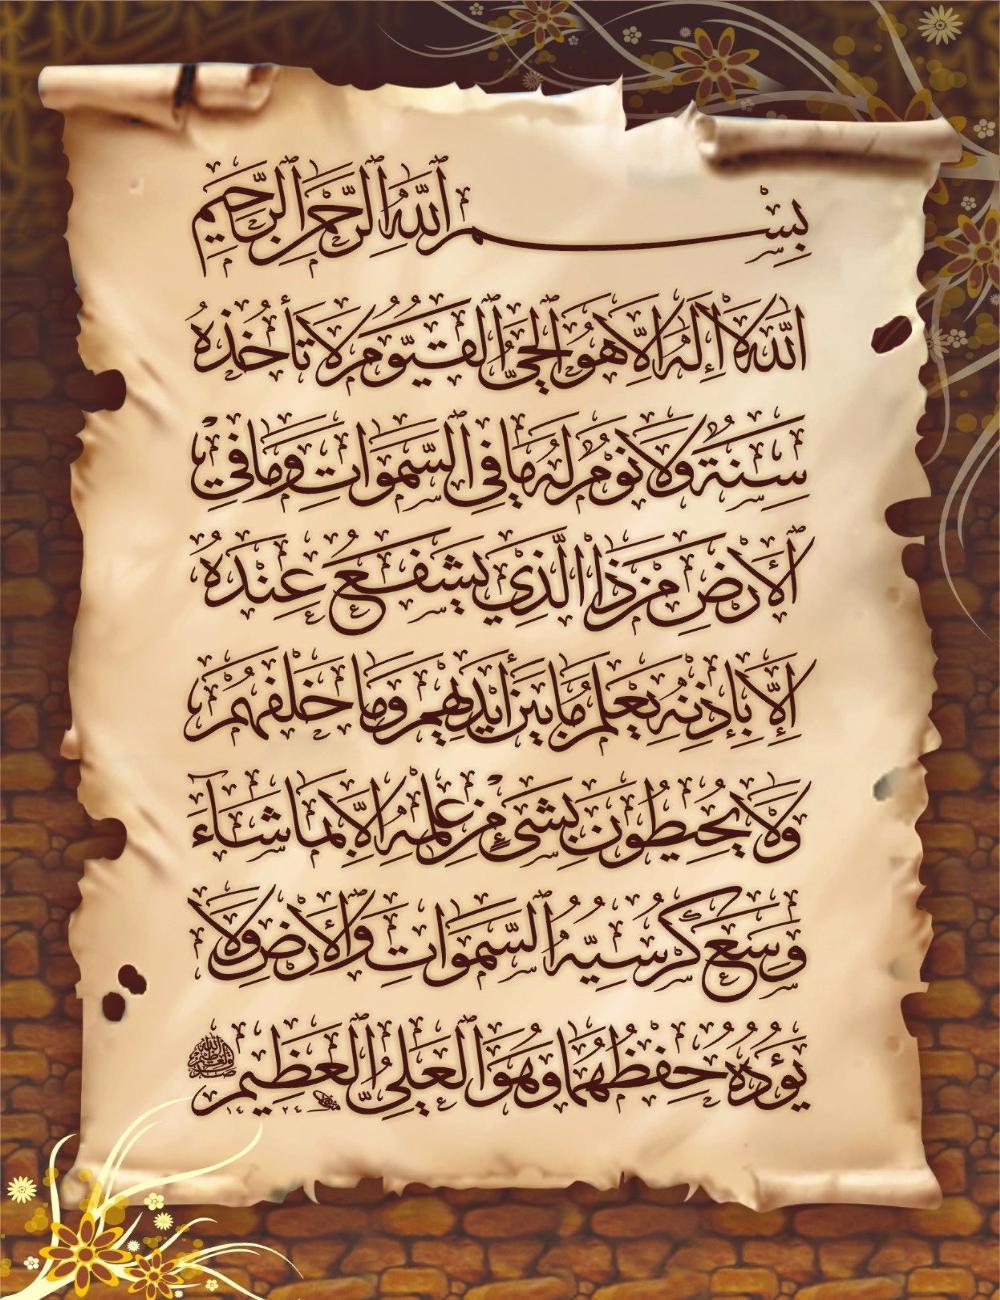 Ayat Kursi Terjemahan Bahasa Arab dan Bahasa Indonesia